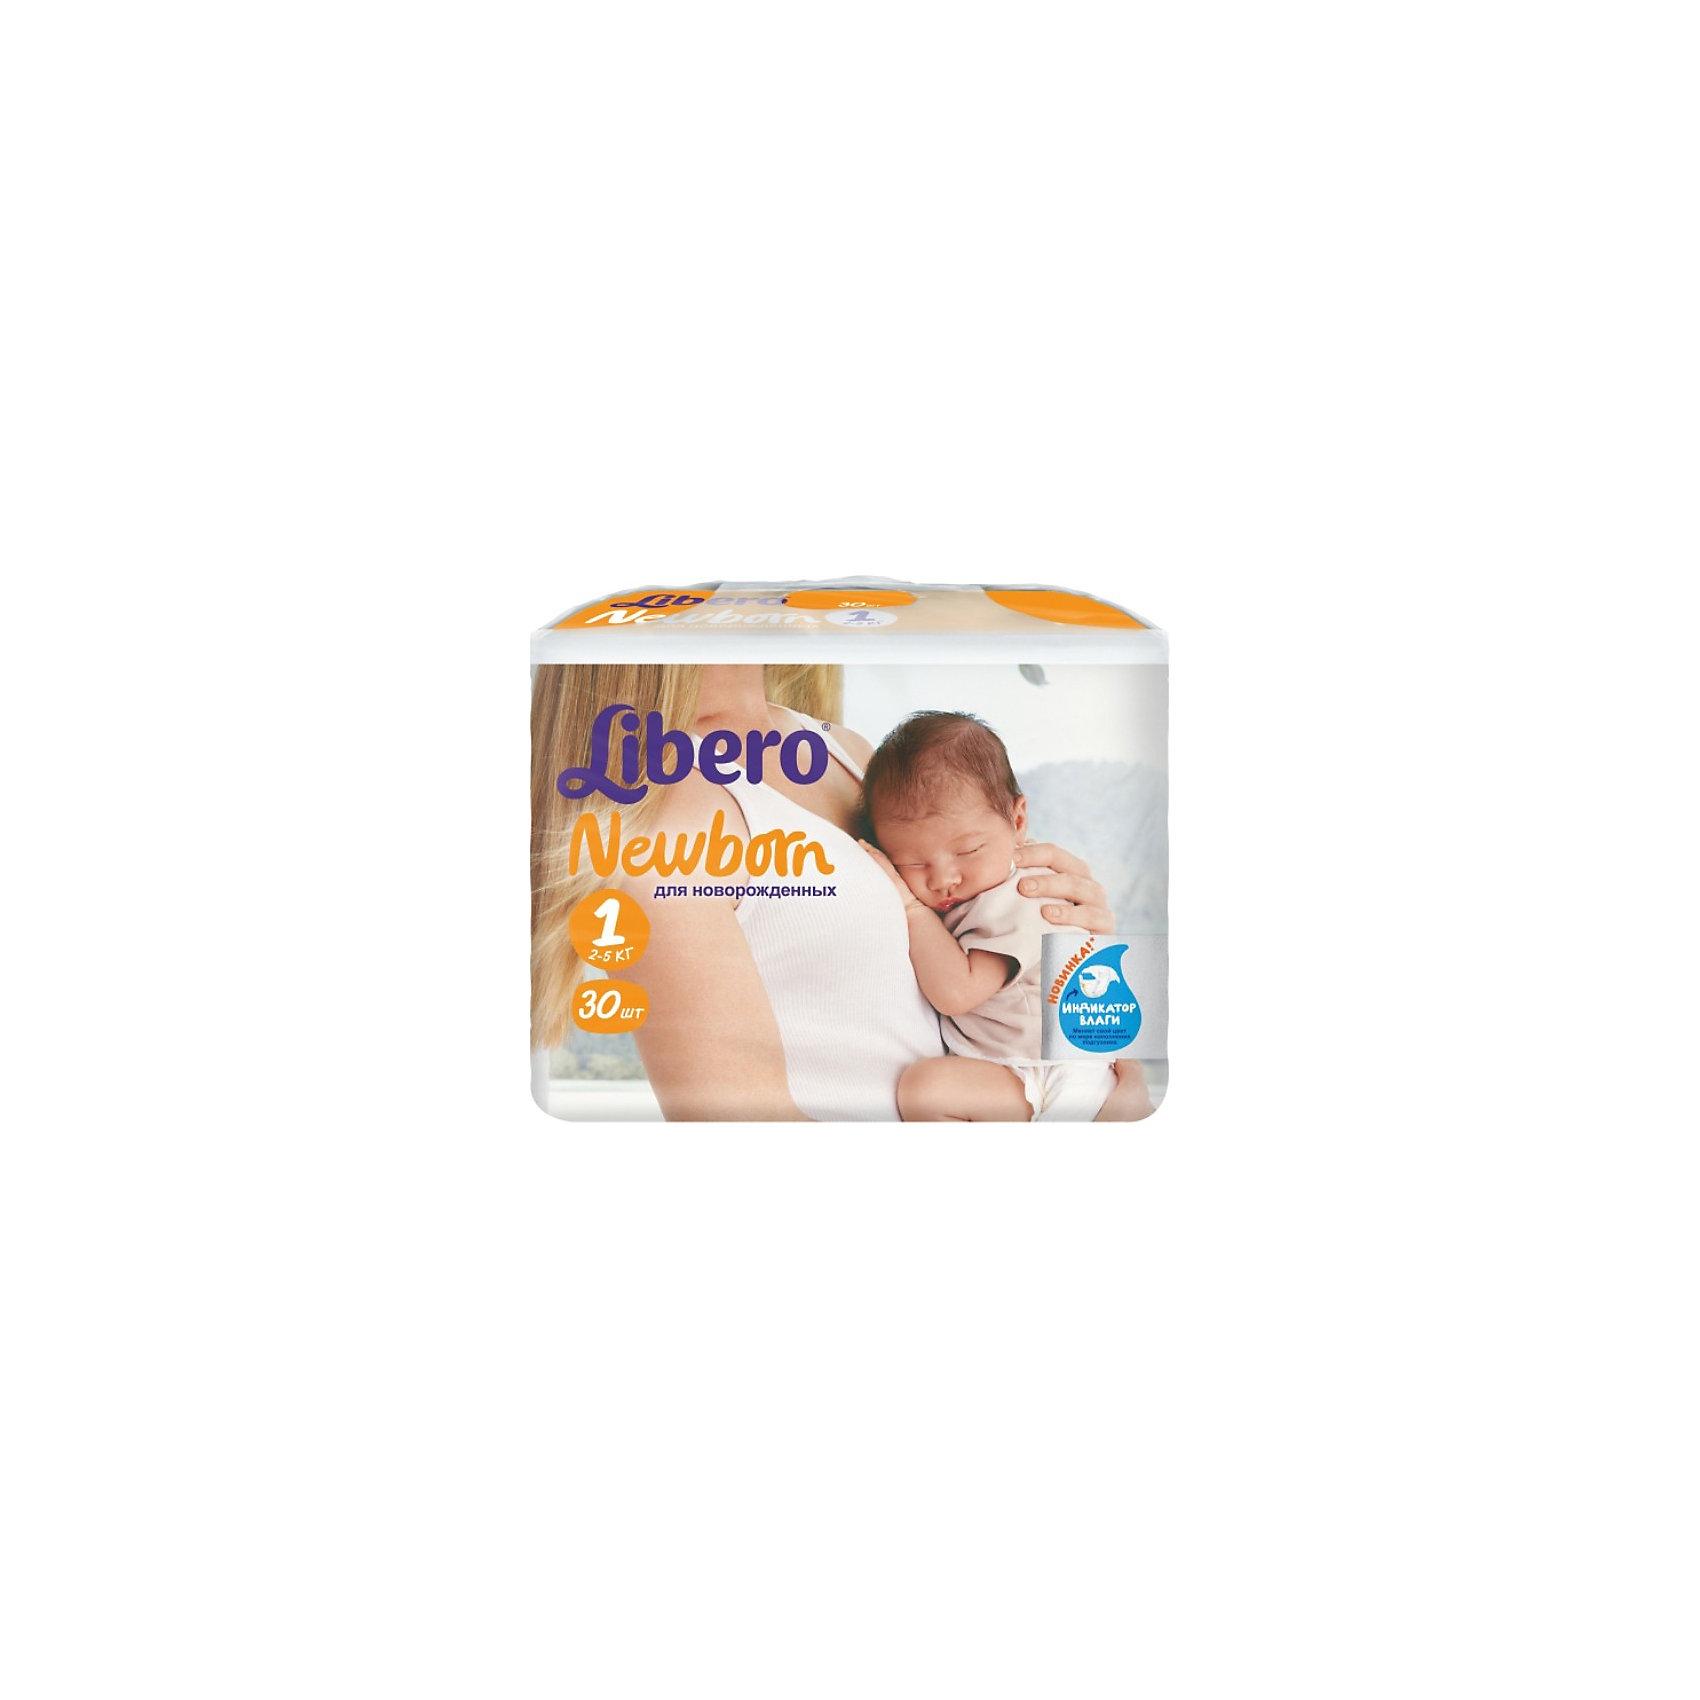 Подгузники Libero Newborn, Newborn 2-5 кг (1), 30 шт.Подгузники до 5 кг.<br>Подгузники Libero Newborn (Либеро Ньюборн) Size 1 (2-5кг), 30 шт.<br><br>Характеристики:<br><br>• быстро впитывают влагу и удерживают ее<br>• нетканый дышащий материал<br>• эластичный поясок<br>• специальный вырез для пупка<br>• мягкий барьер вокруг ног защитит от протеканий<br>• многоразовые застежки<br>• индикатор влаги<br>• размер: 1 (от 2 до 5 кг)<br>• количество в упаковке: 30 шт.<br><br>Кожа новорожденного ребенка требует особенно бережного ухода. Подгузники Libero Newborn прекрасно справятся с этой задачей. Они мягкие на ощупь и не содержат ароматизаторов. Кроме того, у подгузников есть специальный вырез спереди, который позволит избежать травмирования пупка. Подгузники хорошо и быстро впитывают влагу, и даже жидкий стул. Мягкие барьеры и эластичный пояс надежно защищают от протеканий. Подгузники оснащены индикатором влаги, который поможет вам вовремя сменить подгузник. В подгузниках Libero Newborn ваш малыш будет изучать новый мир с комфортом!<br><br>Вы можете купить подгузники Libero Newborn (Либеро Ньюборн) Size 1 (2-5кг), 30 шт. в нашем интернет-магазине.<br><br>Ширина мм: 98<br>Глубина мм: 240<br>Высота мм: 170<br>Вес г: 582<br>Возраст от месяцев: 0<br>Возраст до месяцев: 3<br>Пол: Унисекс<br>Возраст: Детский<br>SKU: 3517608